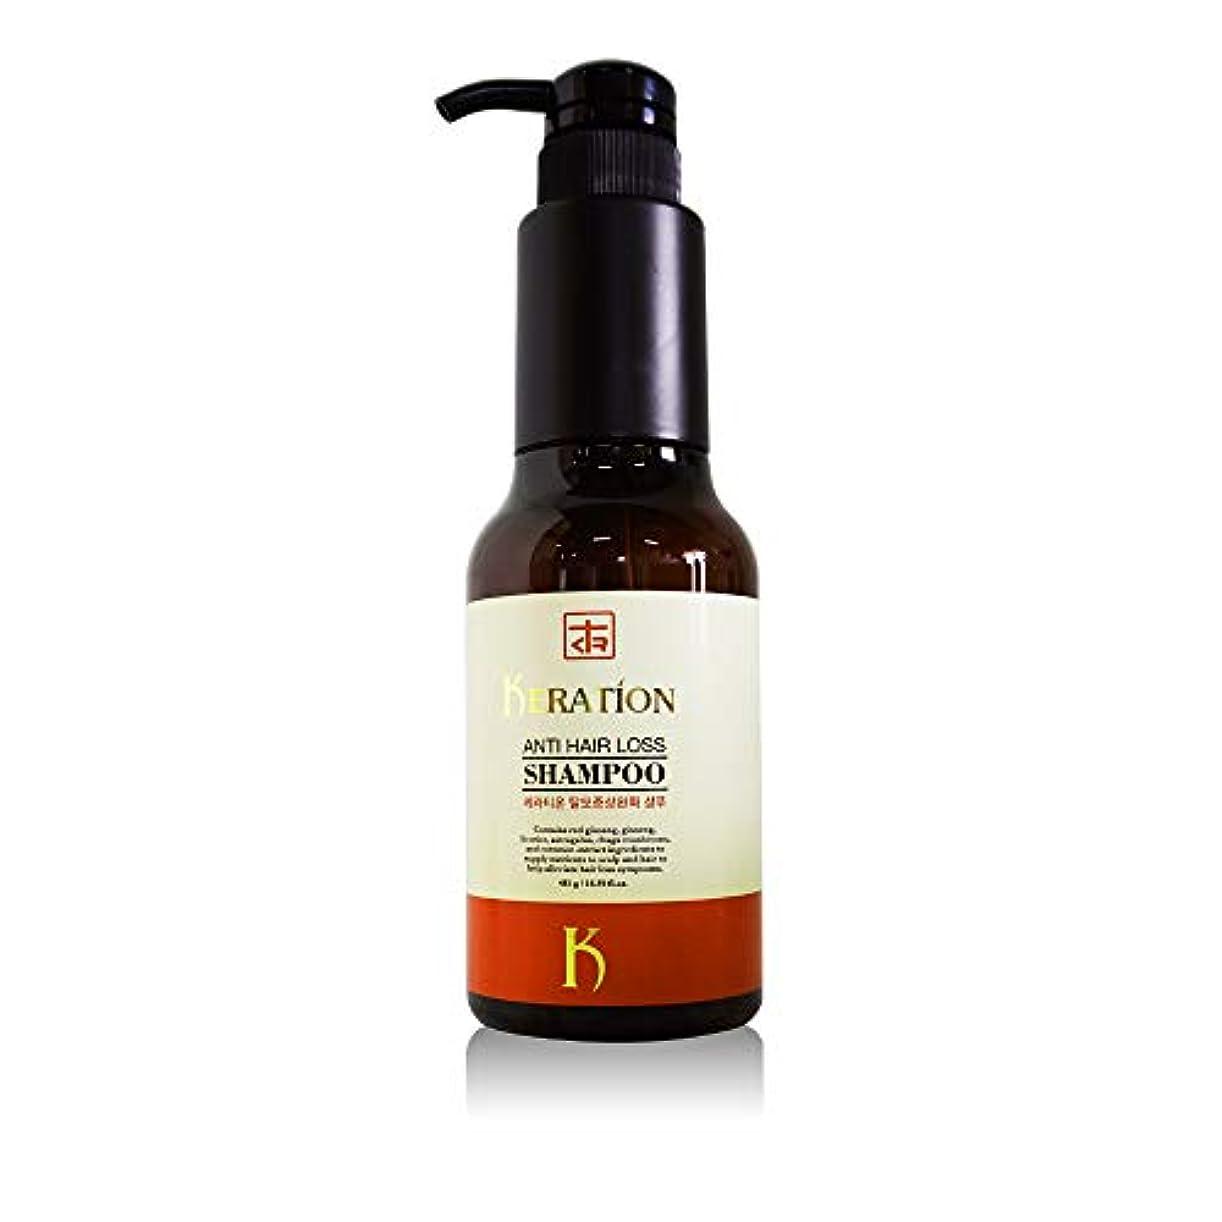 予算鼻昨日Keration アンチ抜け毛シャンプー485ml (Keration Anti Hair Loss Shampoo -6 kinds of herbal extracts) [並行輸入品]